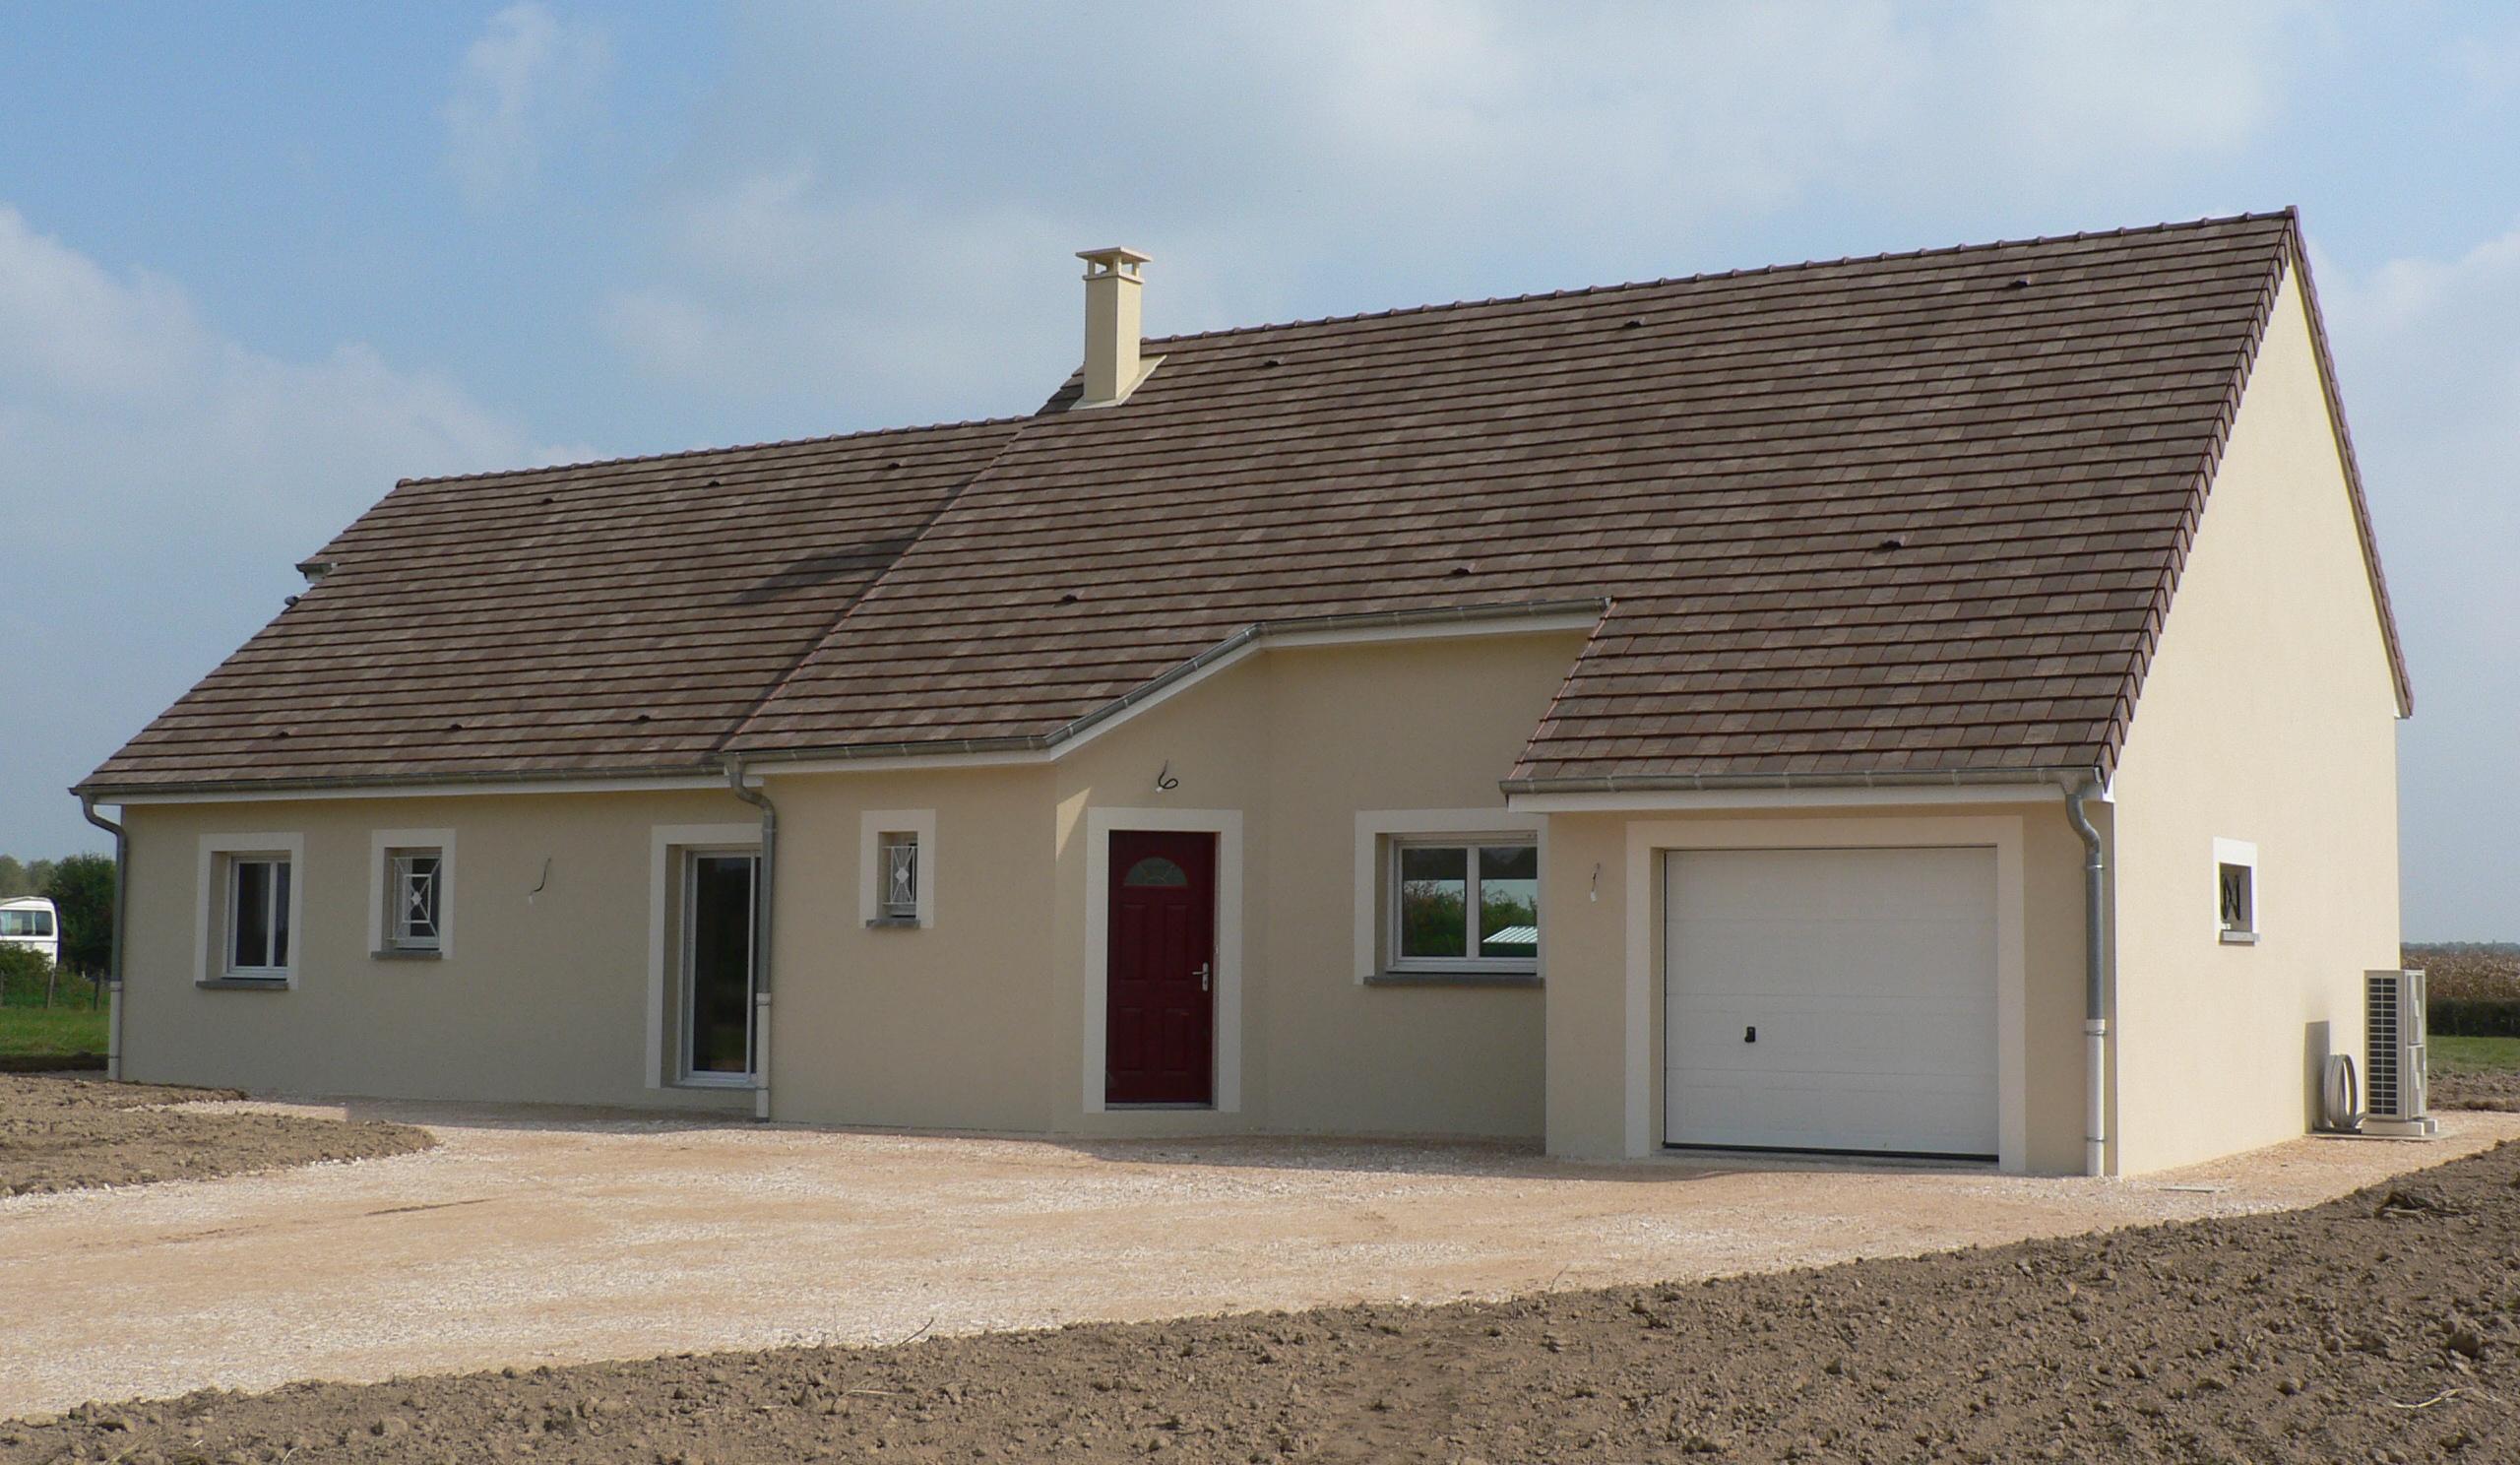 Maison traditionnelle construite par Bourgogne Bâtir 2 Full